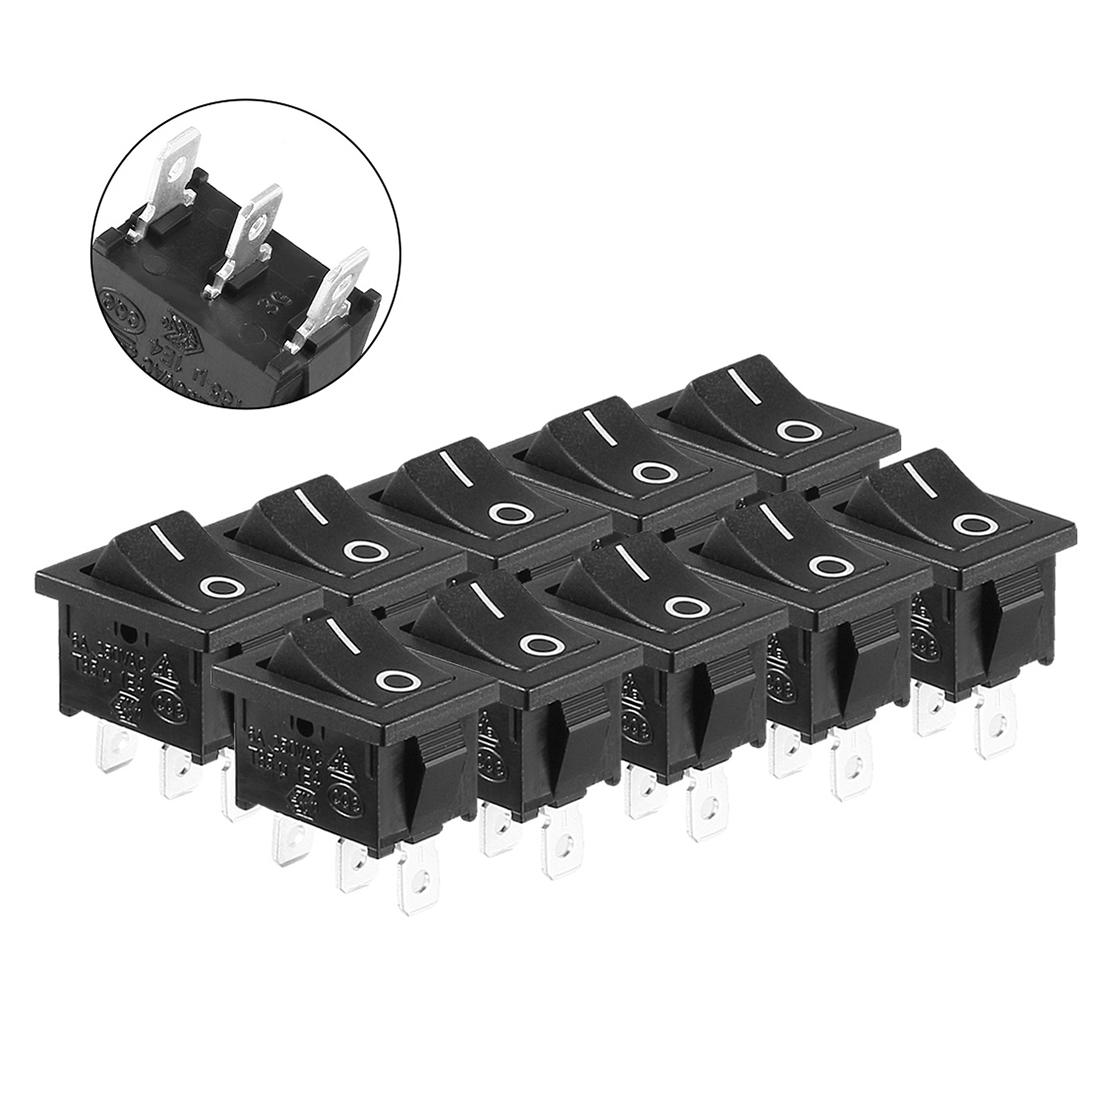 10pcs AC6A/250V 10A/125V On/Off 2 Position SPDT Rocker Switch Latching